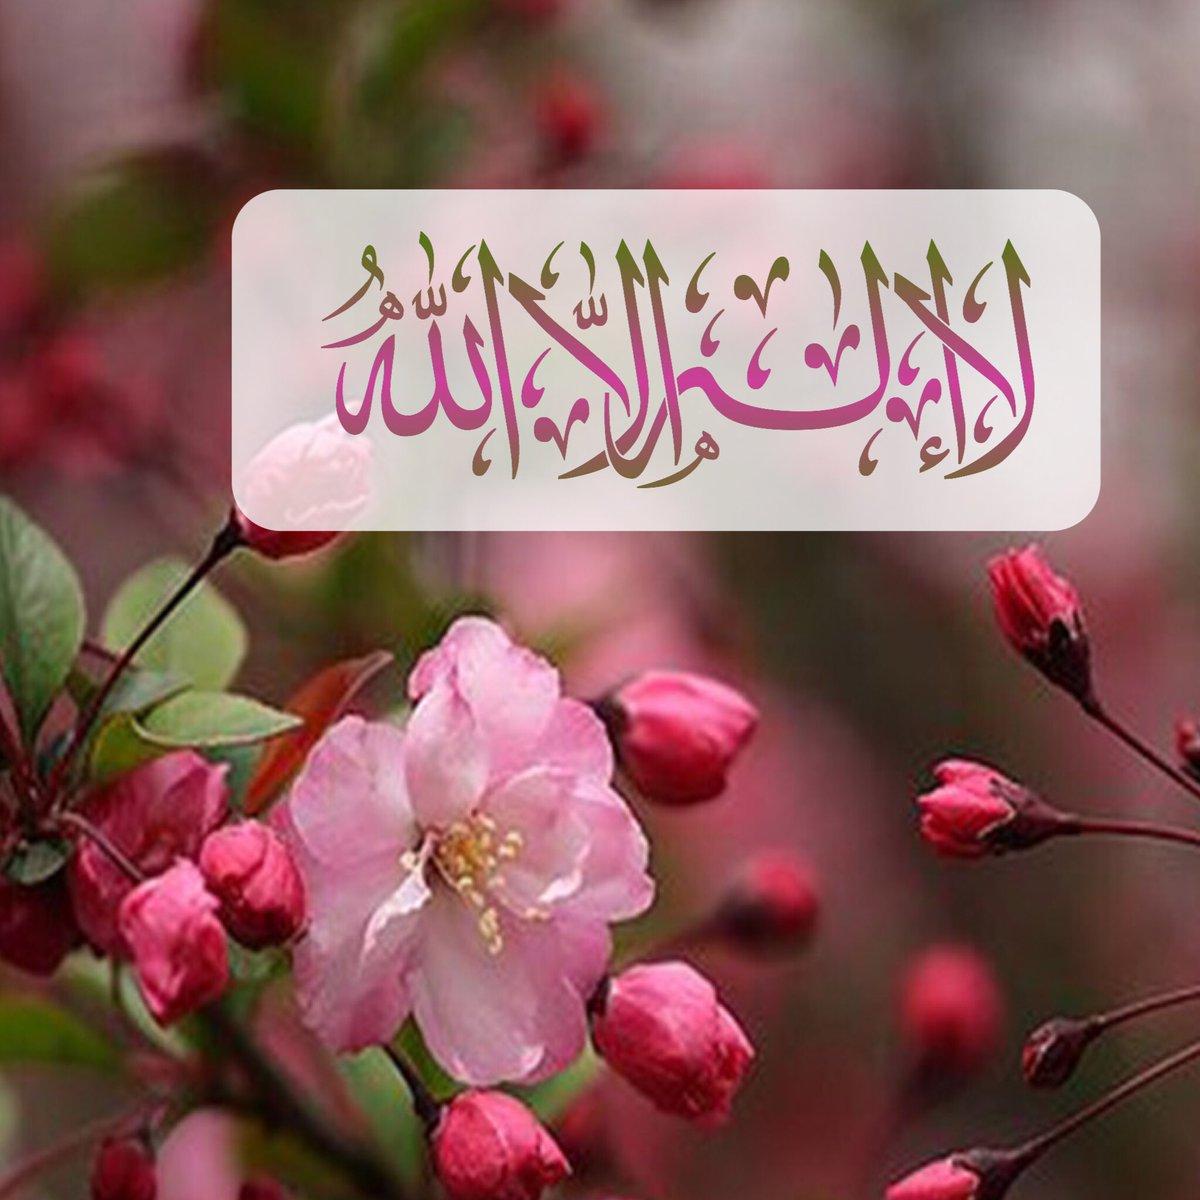 صورة اجمل الصور الدينية , منوعات دينيه رائعة 632 6